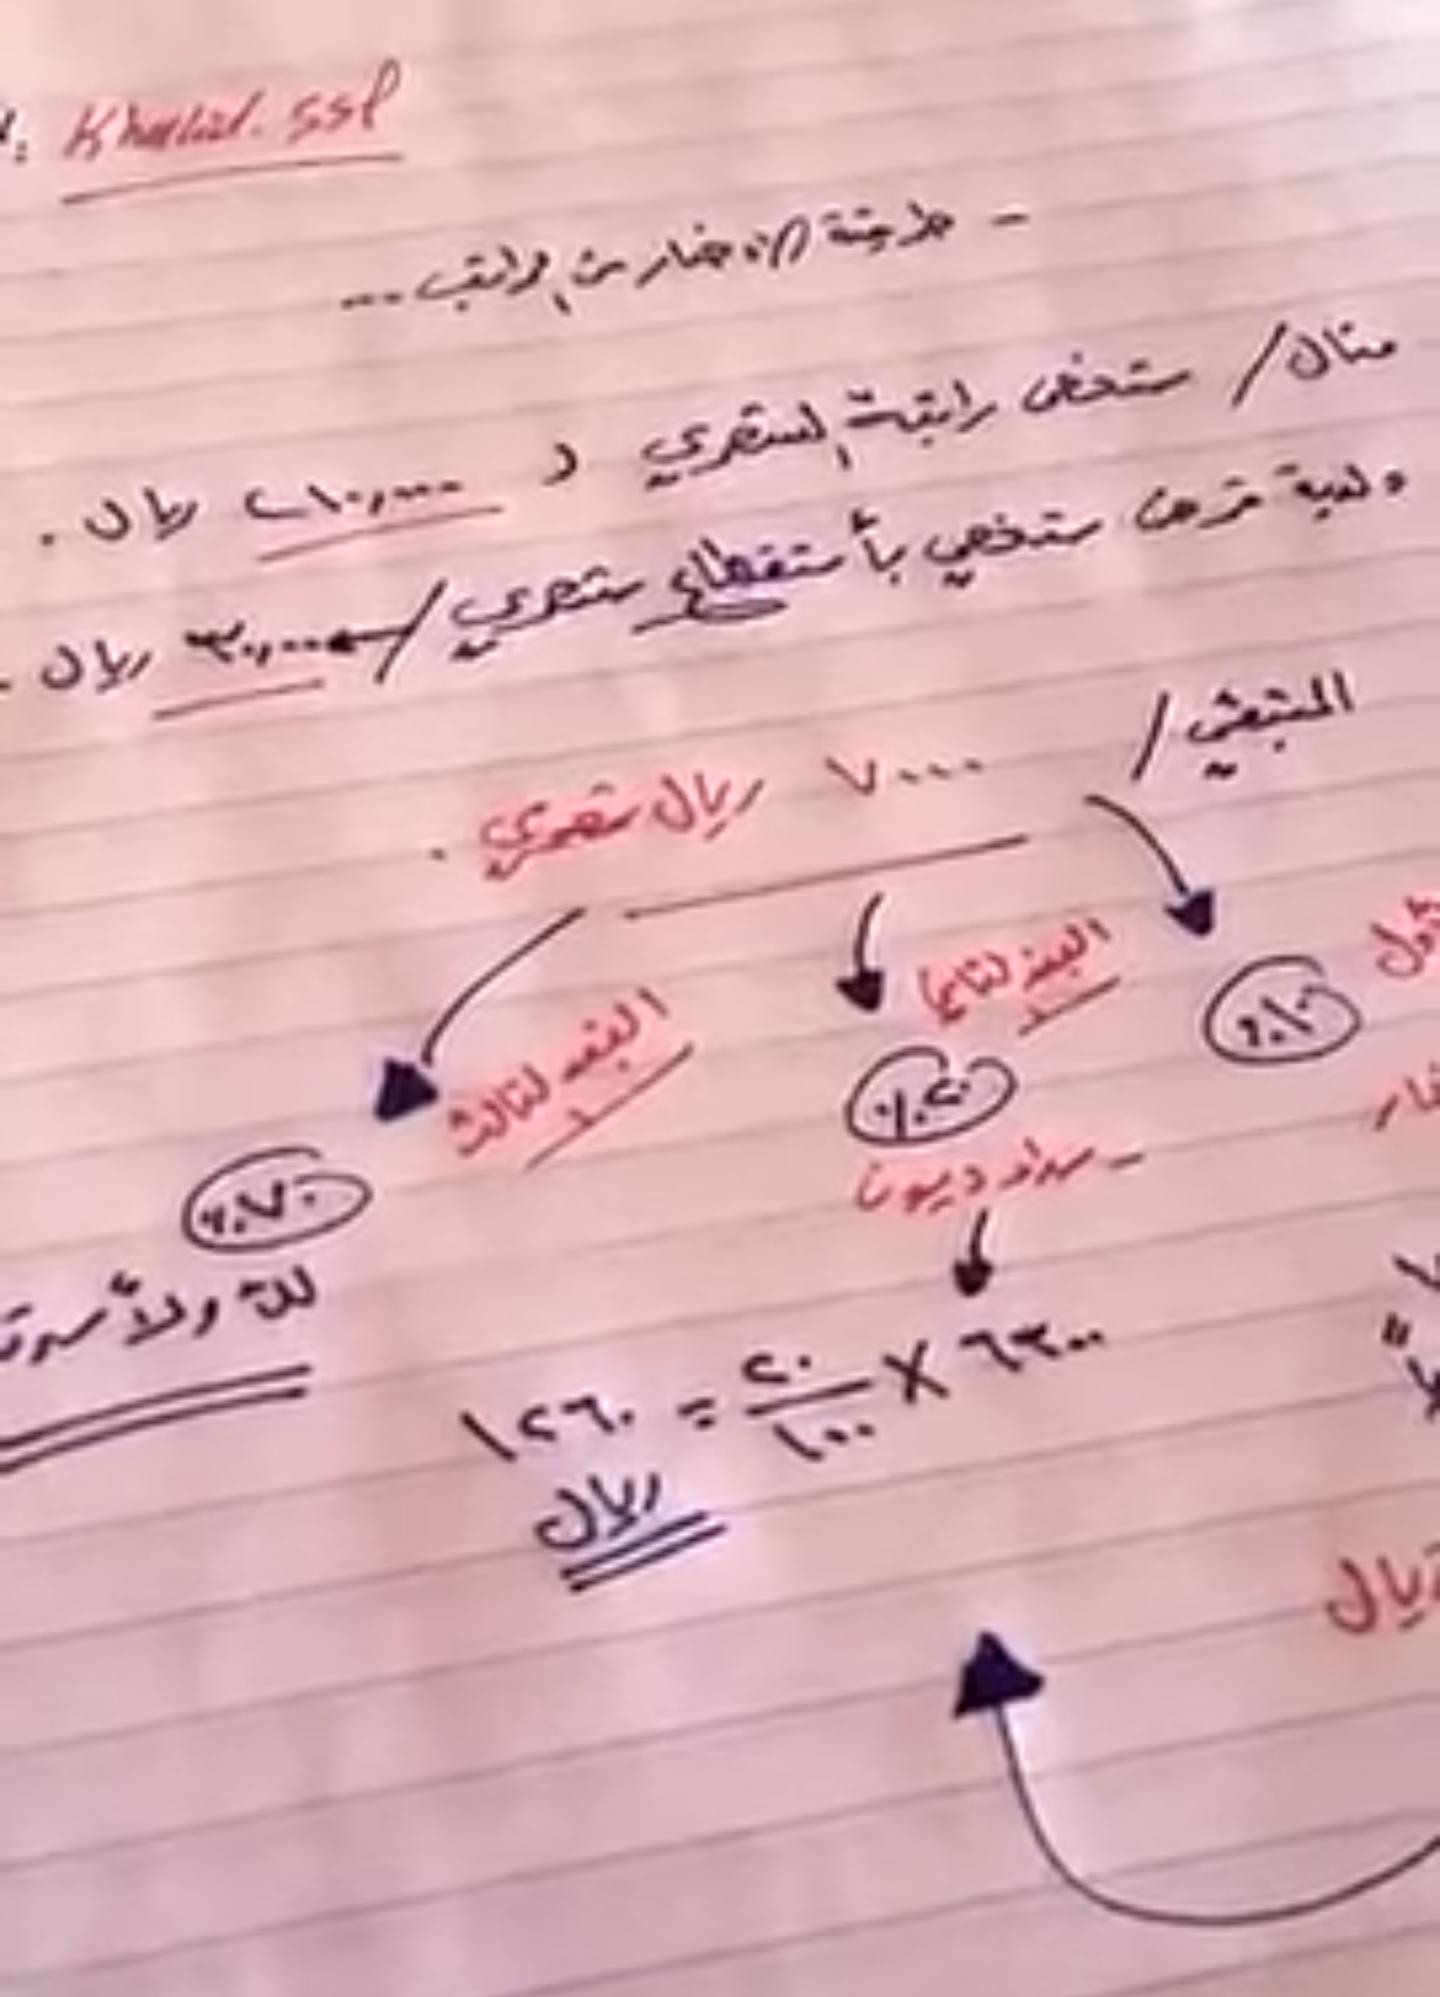 بالفيديو طريقة رائعة جدا لتعلم الإدخار من الراتب والتخلص من الديون